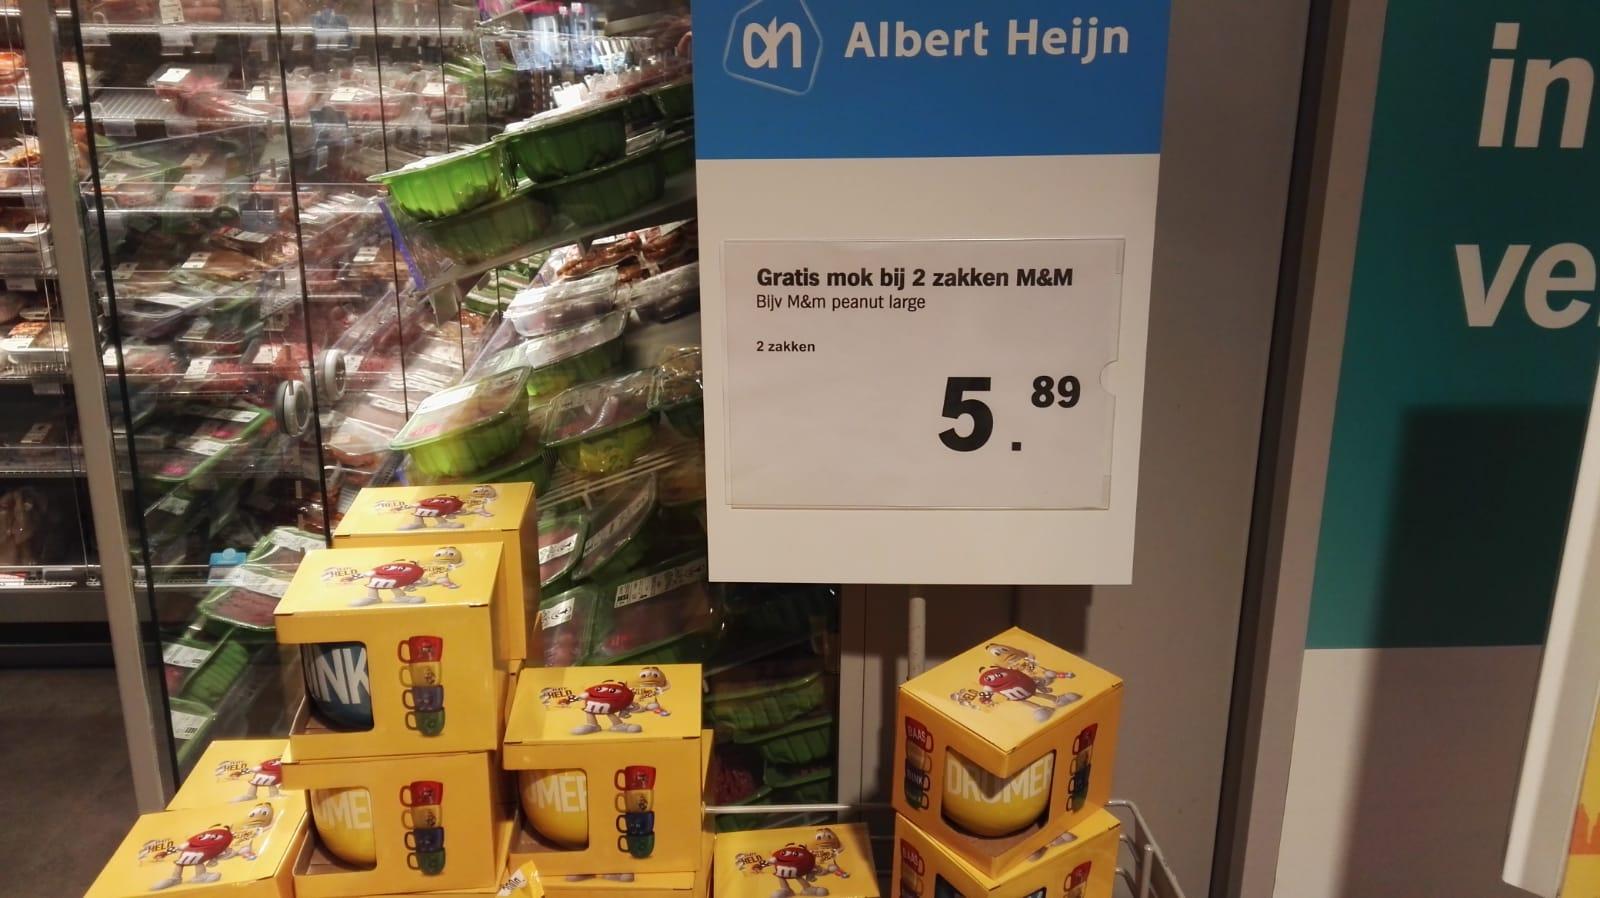 [Lokaal] Een gratis M&M mok bij de aankoop van twee zakken M&M's @AH voor €5,89